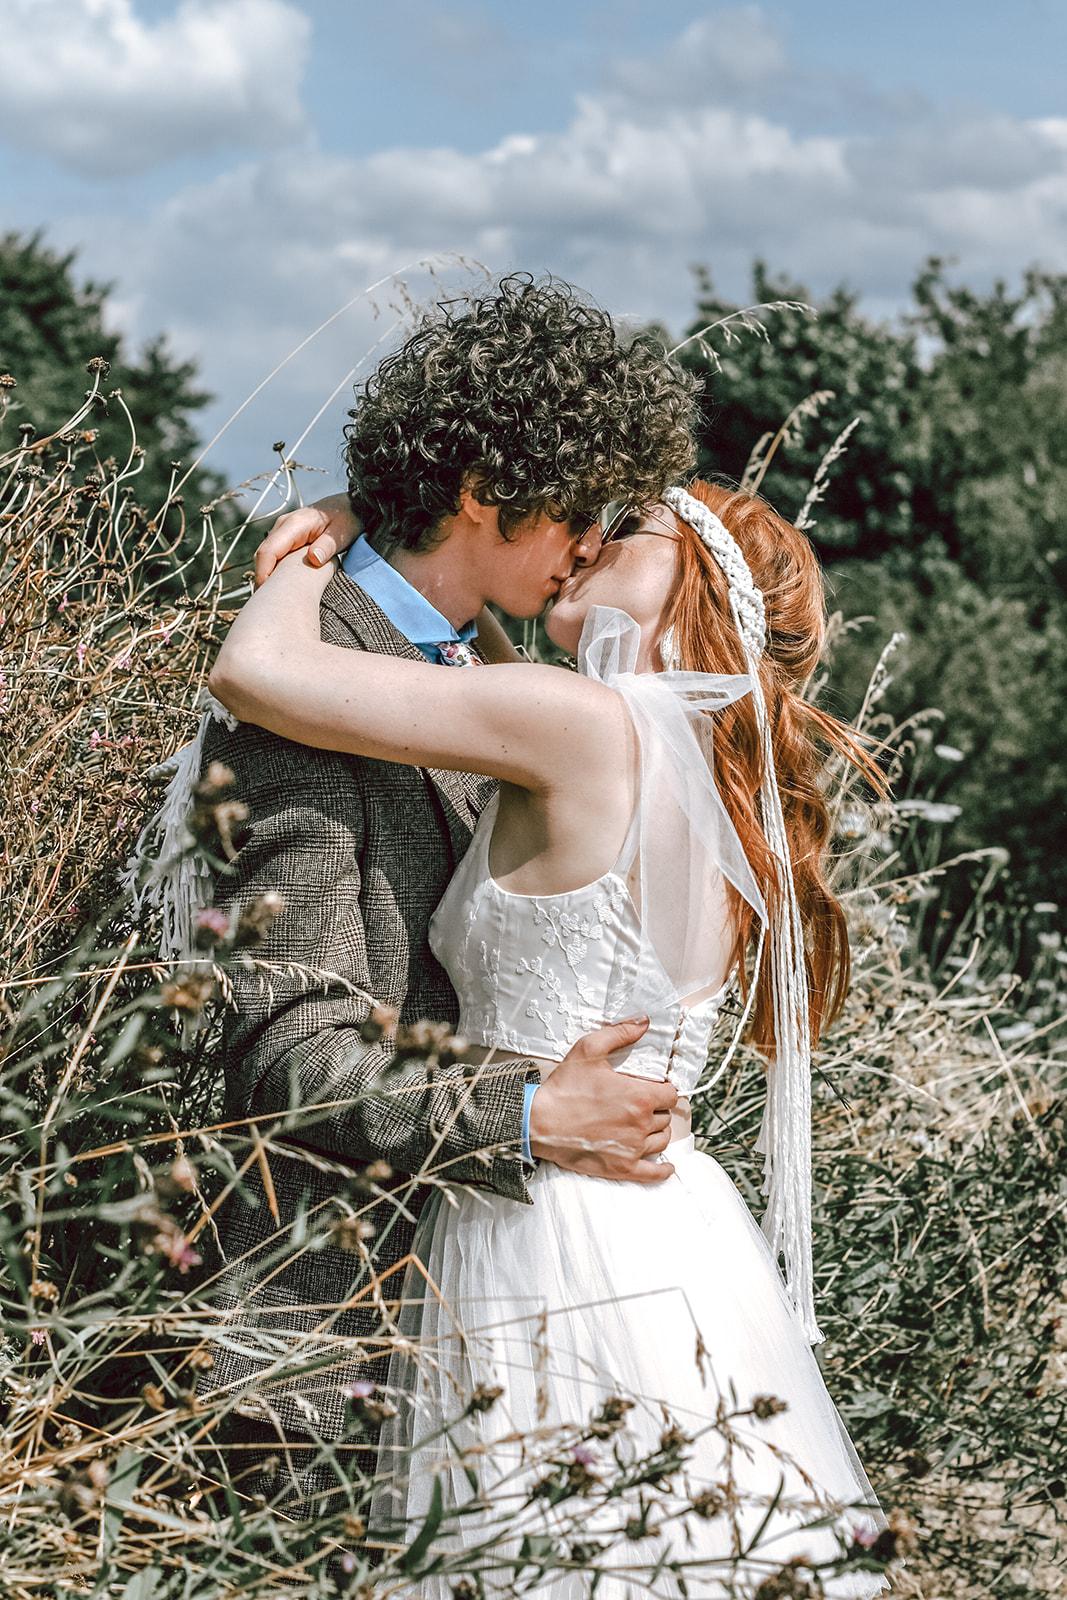 rustic festival wedding - outdoor wedding - modern boho wedding - farm wedding